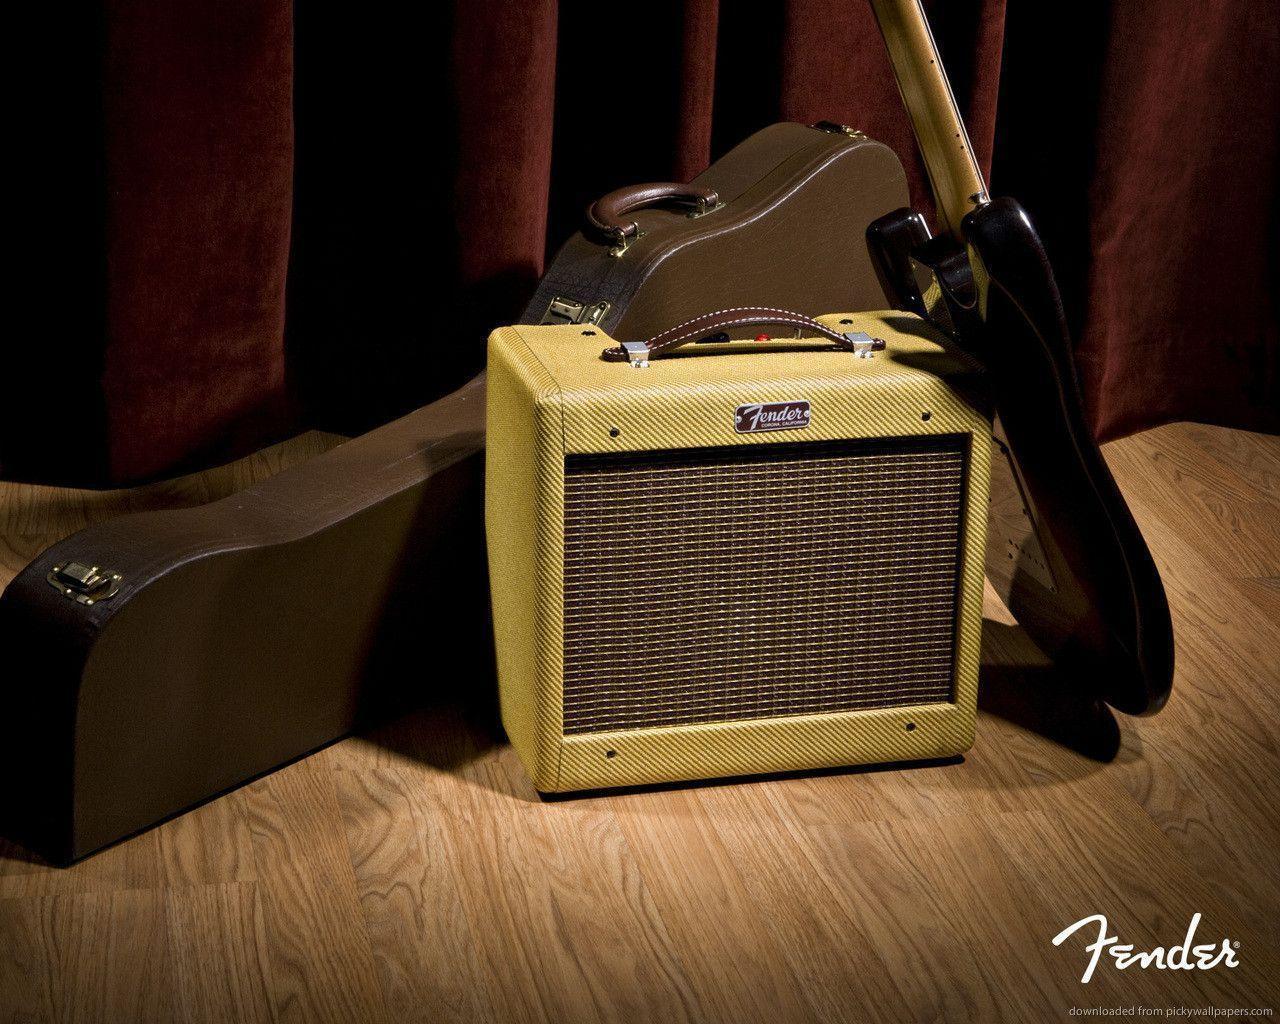 Fender Wallpaper #3333 | picttop.